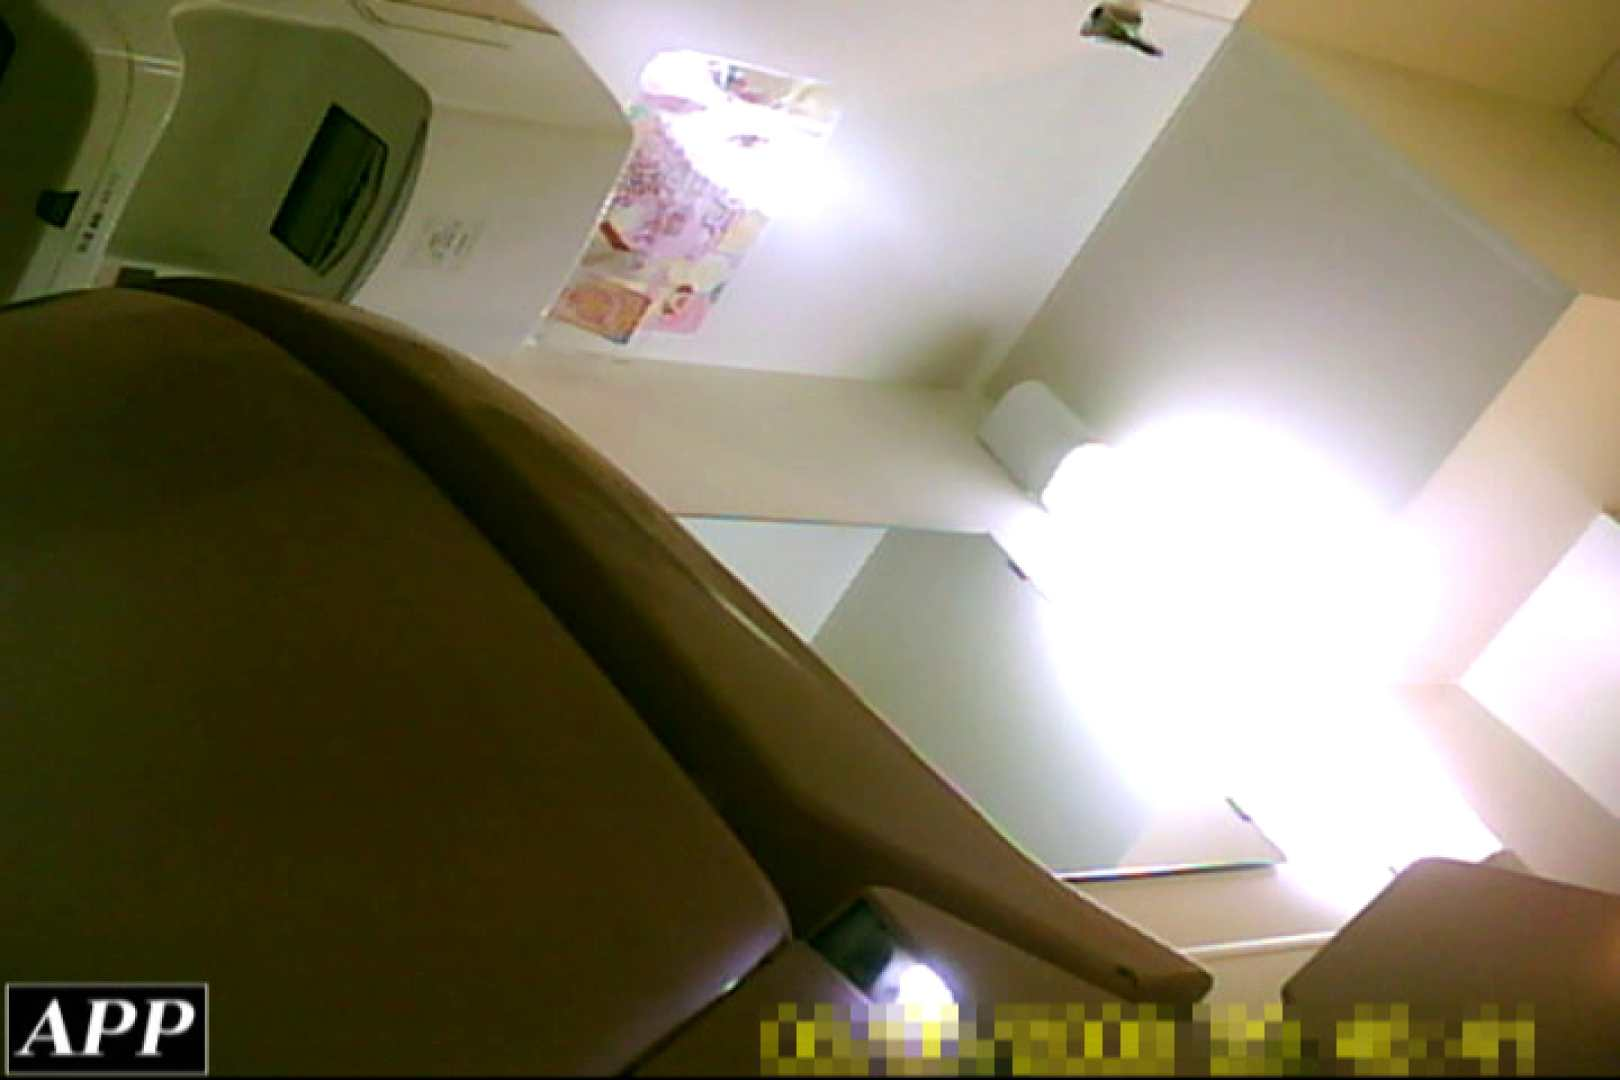 3視点洗面所 vol.61 リアル・マンコ オメコ動画キャプチャ 82pic 4